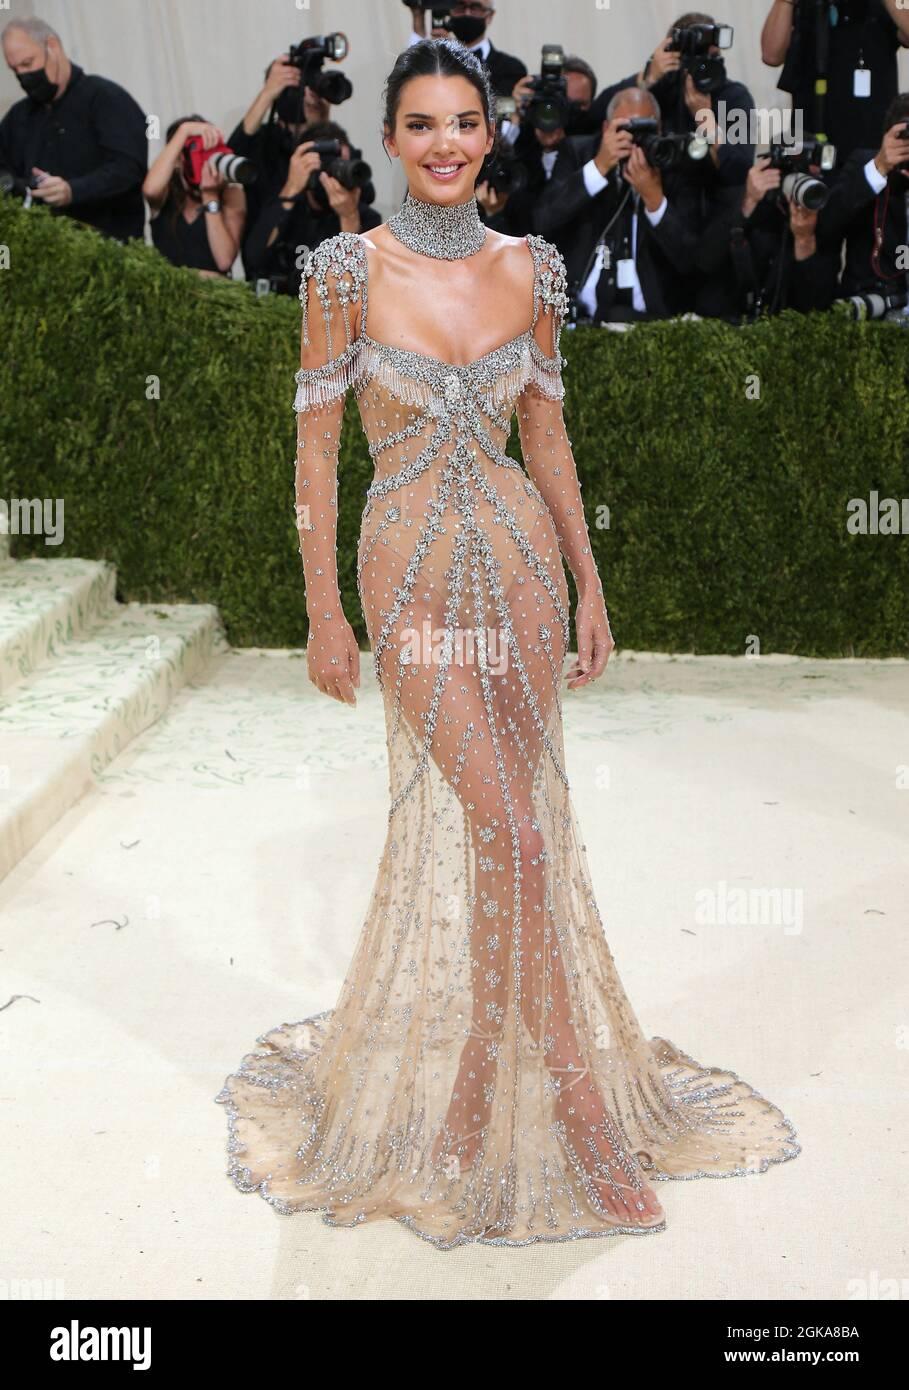 New York, États-Unis. 13 septembre 2021. Kendall Jenner participe au Metropolitan Museum of Art Costume Institute Averment Gala 2021 à New York City, NY, États-Unis, le 13 septembre 2021. Photo de Charles Guerin/ABACAPRESS.COM crédit: Abaca Press/Alay Live News Banque D'Images